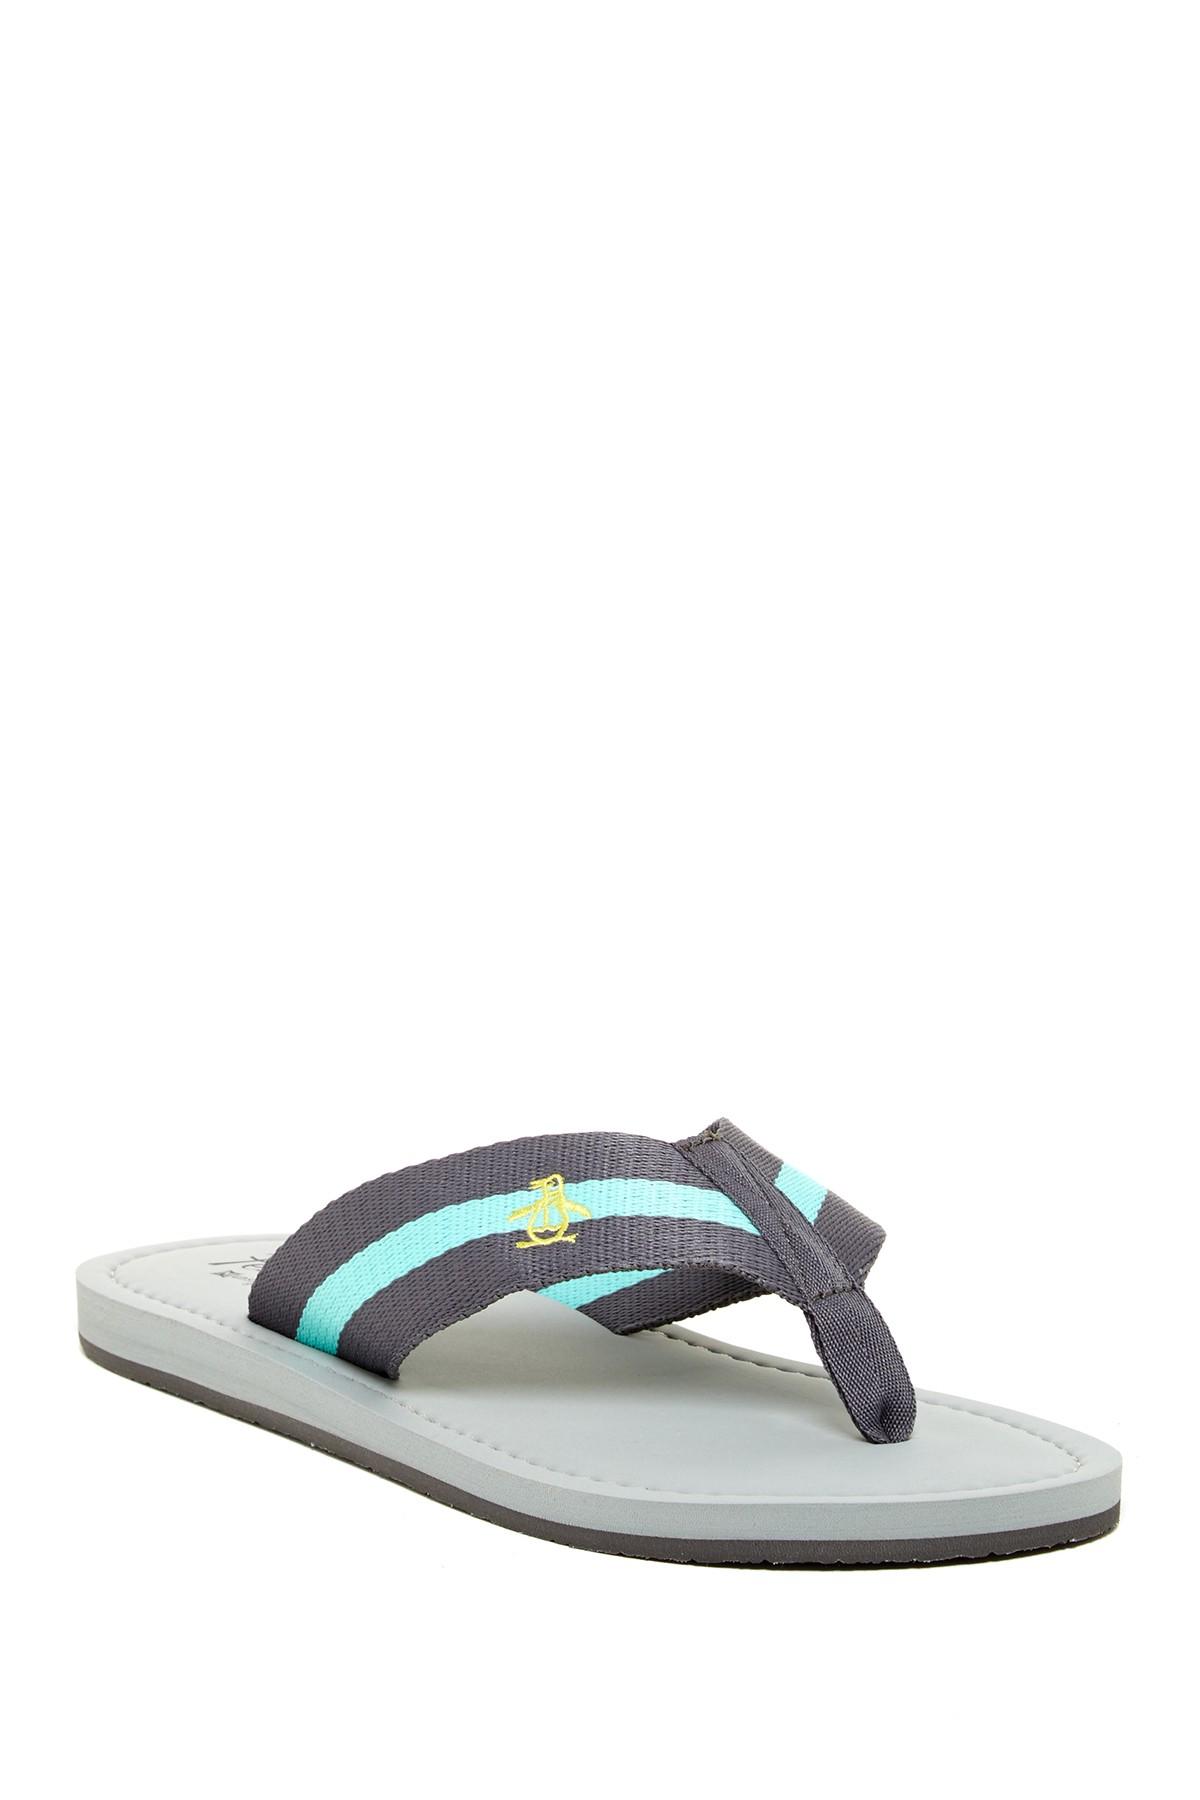 lyst original penguin poolside flip flop in blue for men. Black Bedroom Furniture Sets. Home Design Ideas